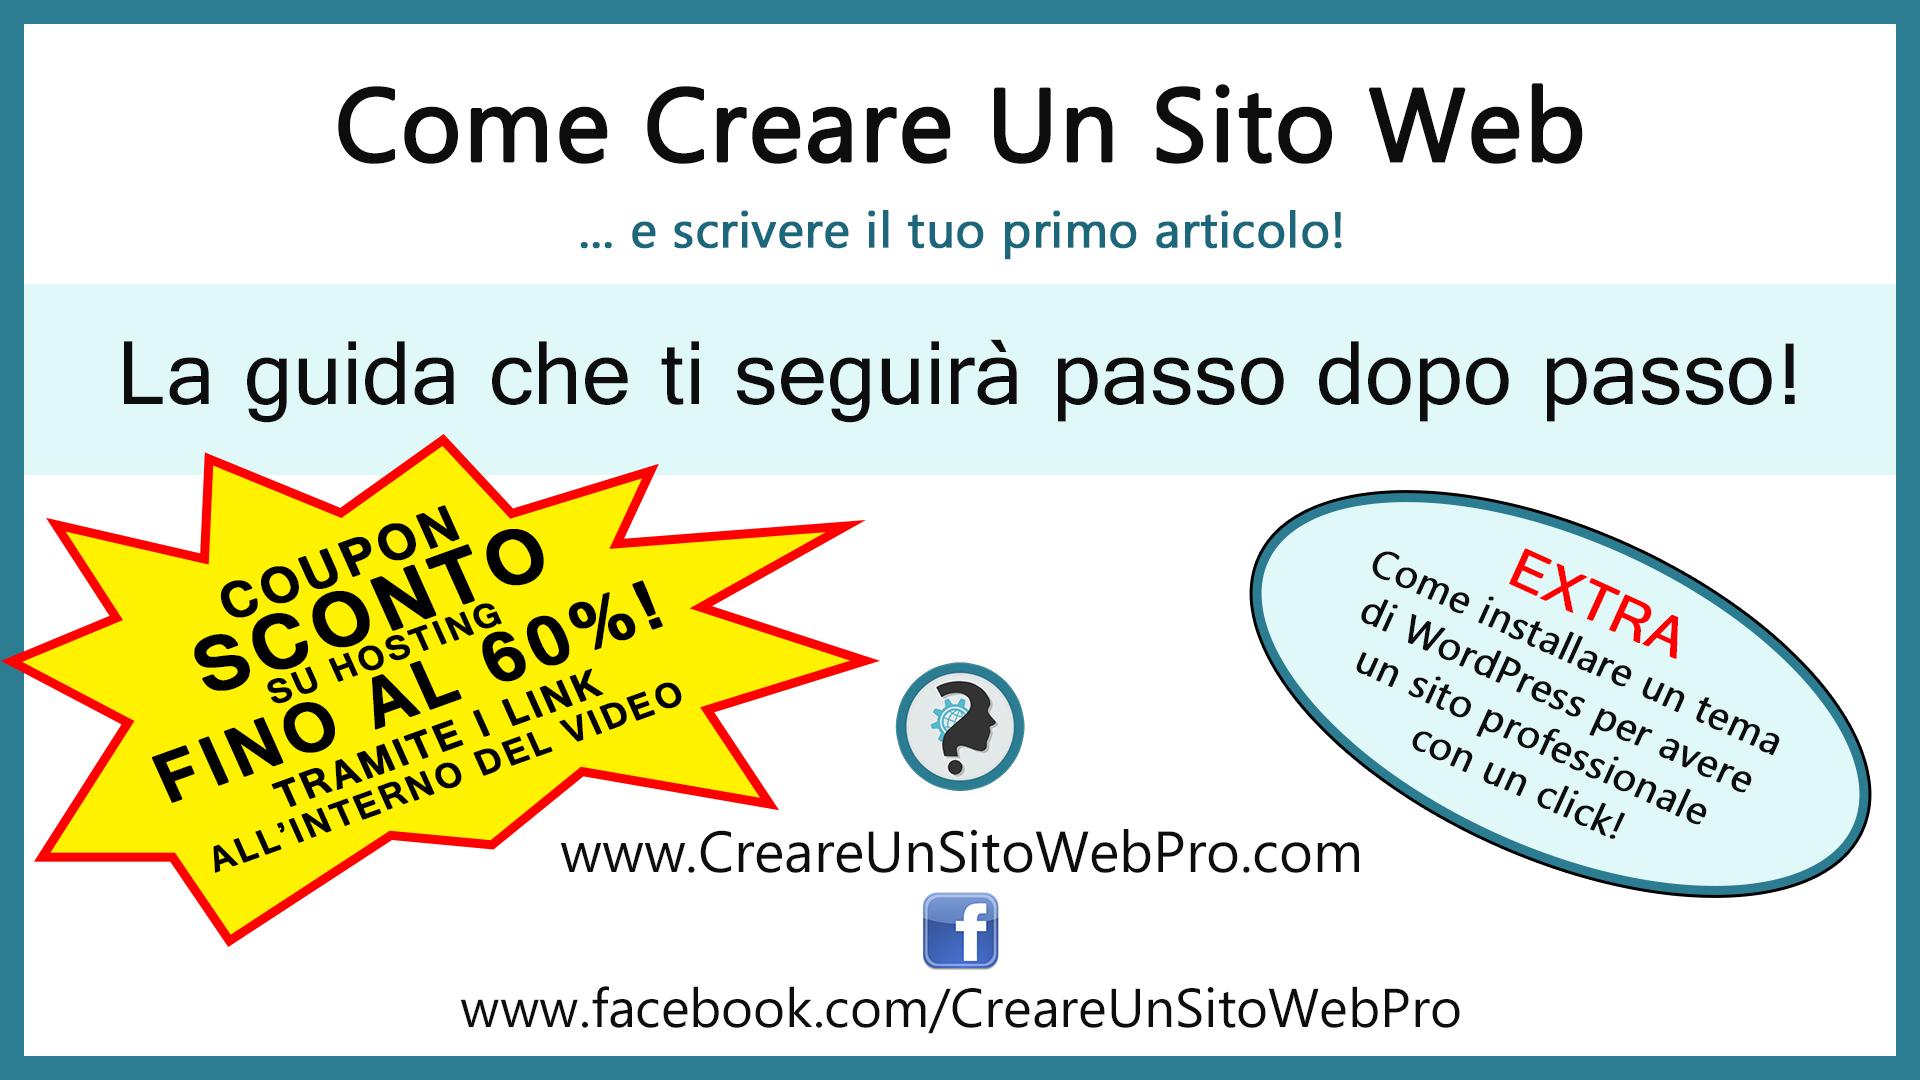 come creare un sito web la guida di creareunsitowebpro.com